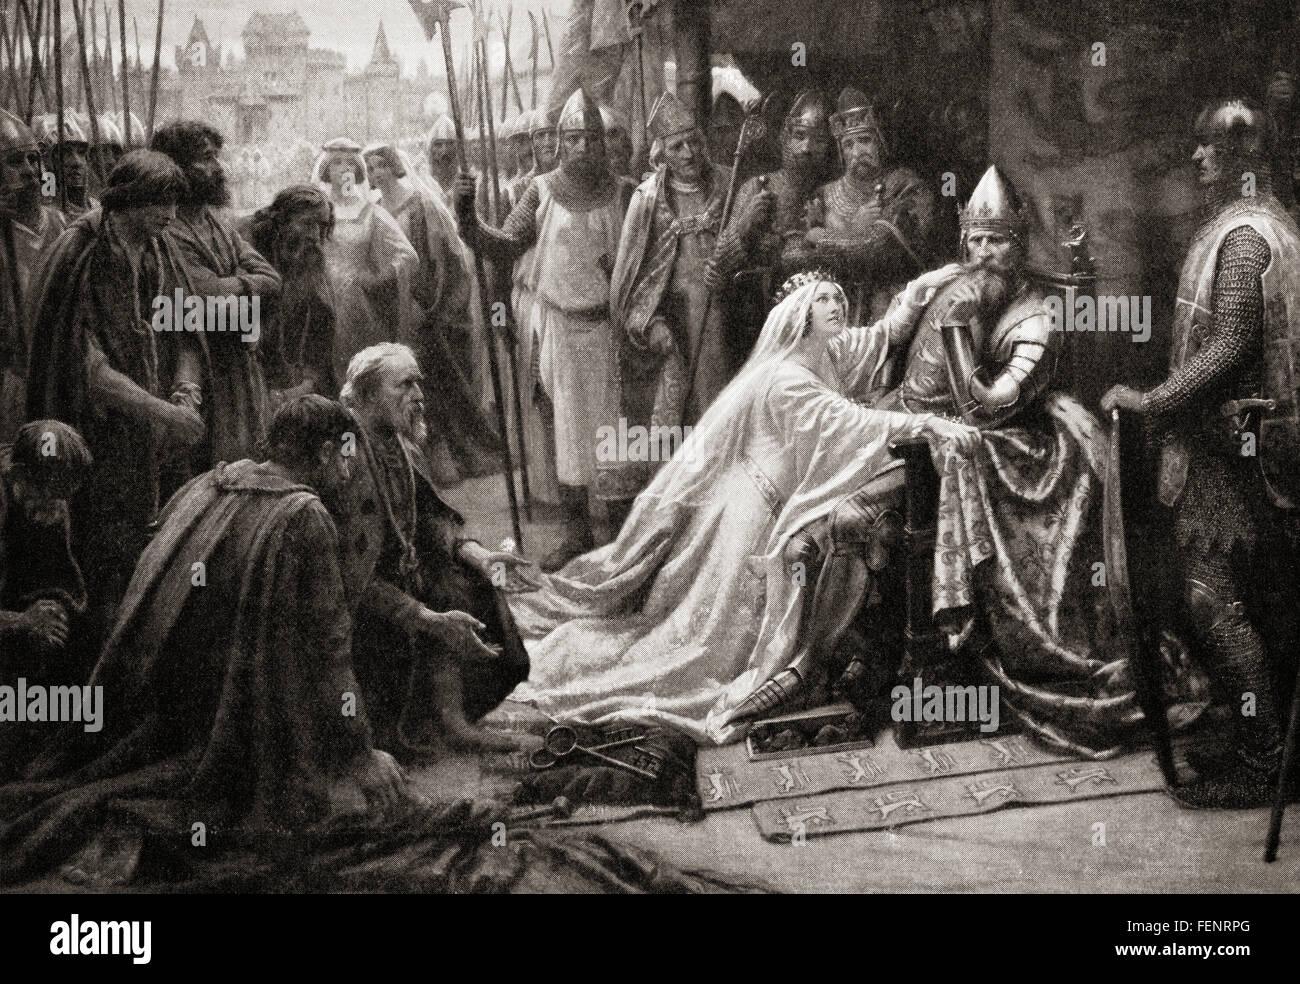 La moglie del re Edward III, regina Philippa di Hainault, intercede presso il marito a chiedere che la vita di sette Immagini Stock